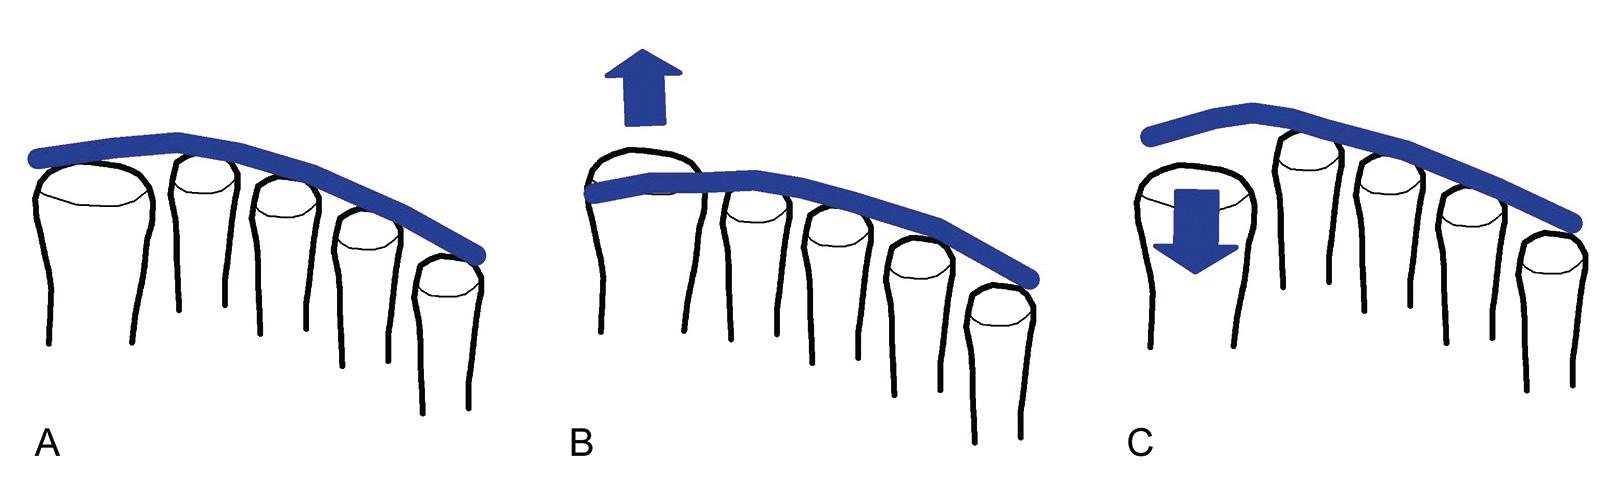 Abb. 6-17: Ausrichtung der Metatarsalköpfchen (A), Plusvariante mit relativer Überlänge des Metatarsale 1 (B) und Minusvariante mit relativer Verkürzung des Metatarsale 1 (C). Die Minusvariante ist am häufigsten